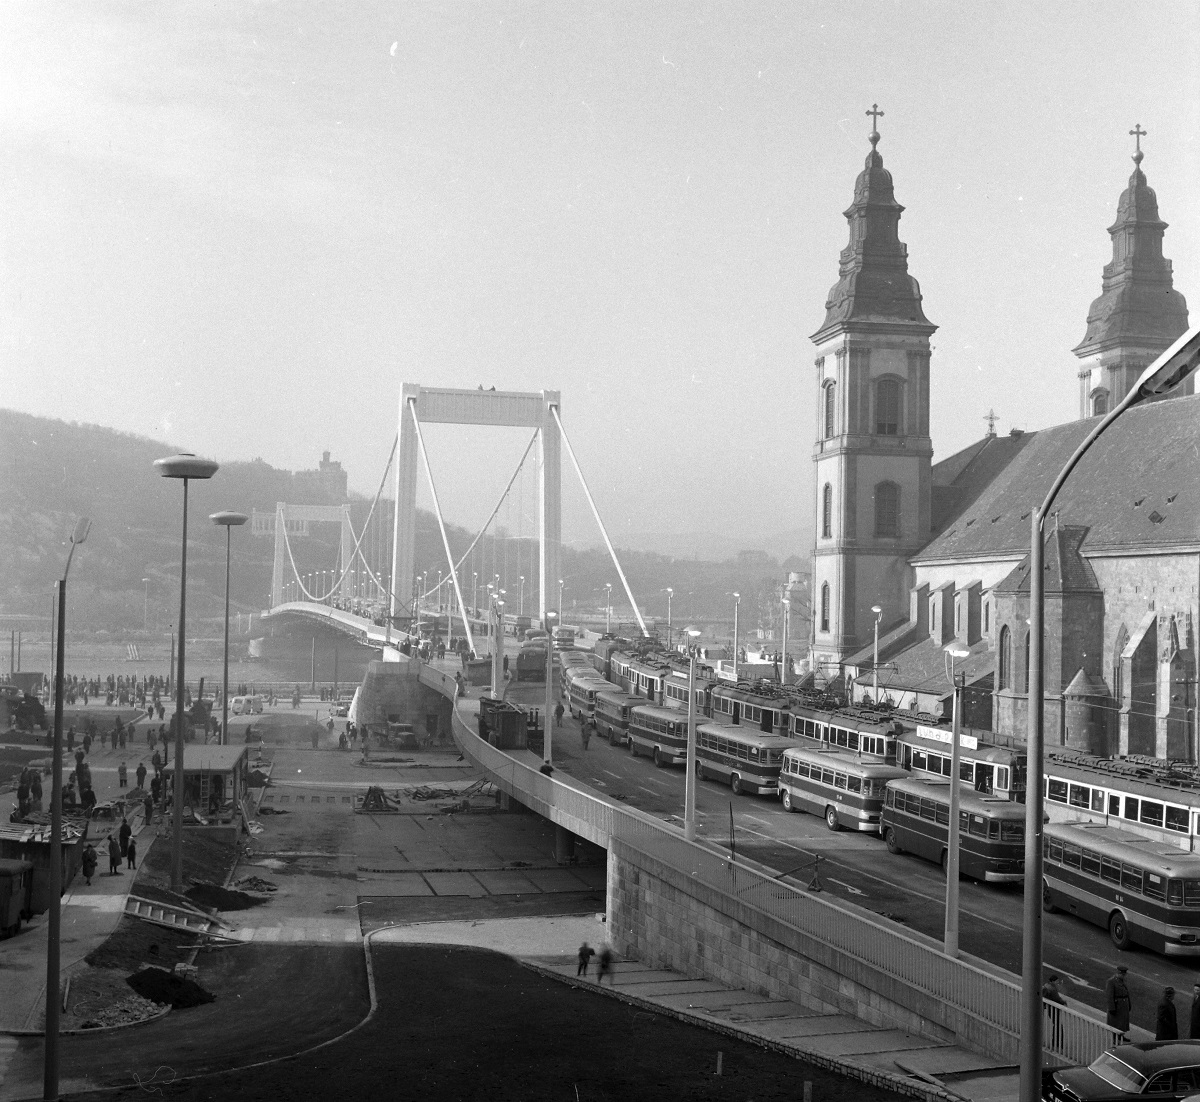 Fotó: Erzsébet híd Pestről nézve, terheléspróba, Budapest V. ker., Magyarország, 1964 © Fortepan / UVATERV